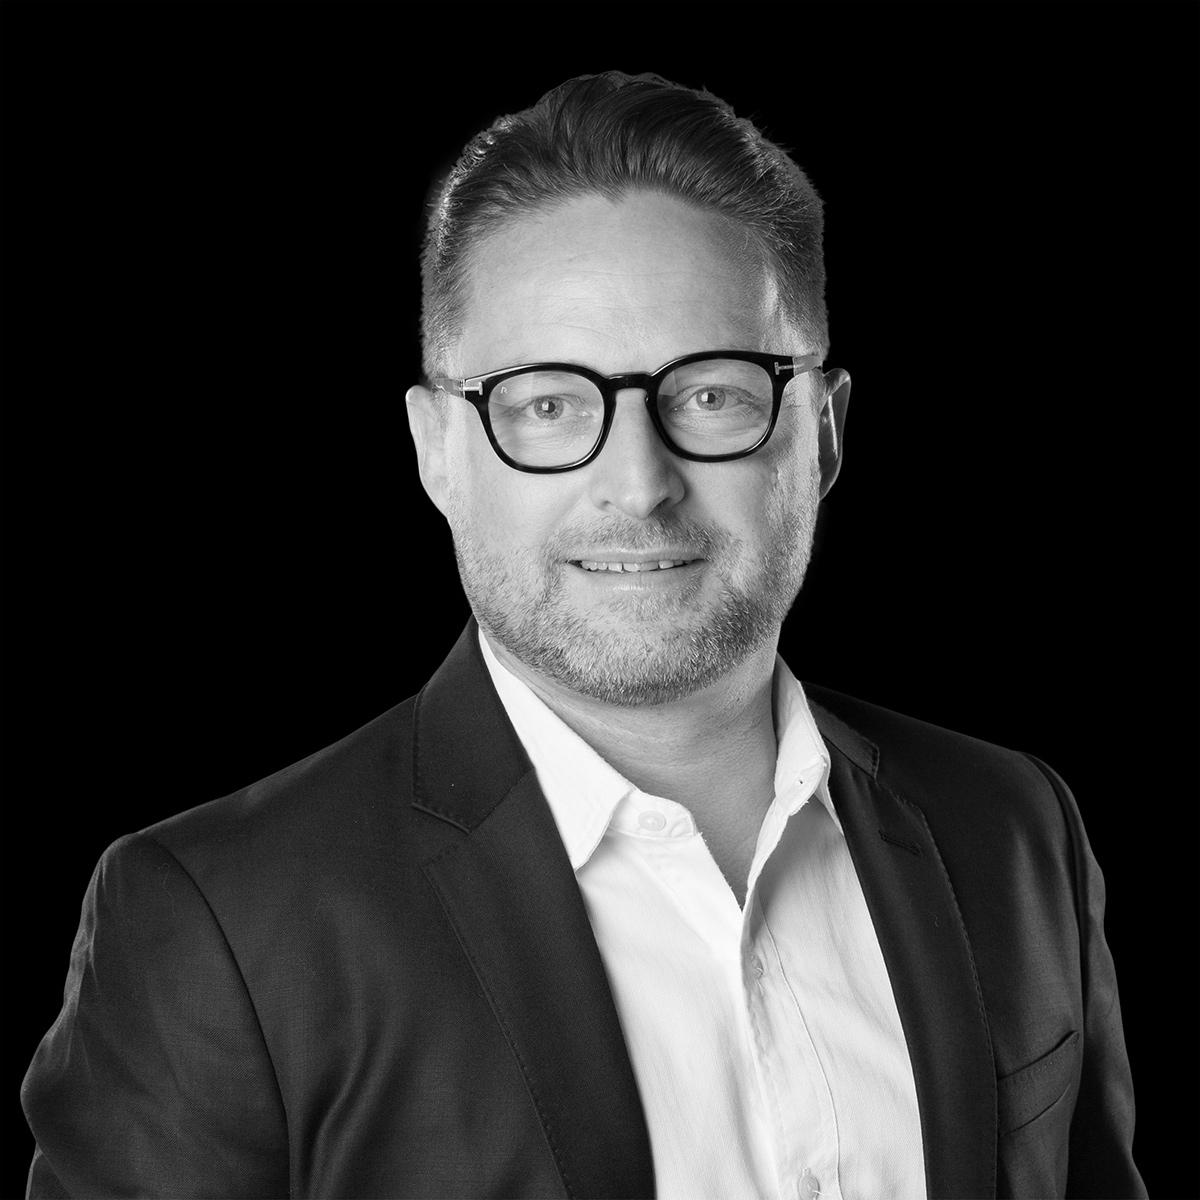 Founder of PepPartner Jens Laustsen